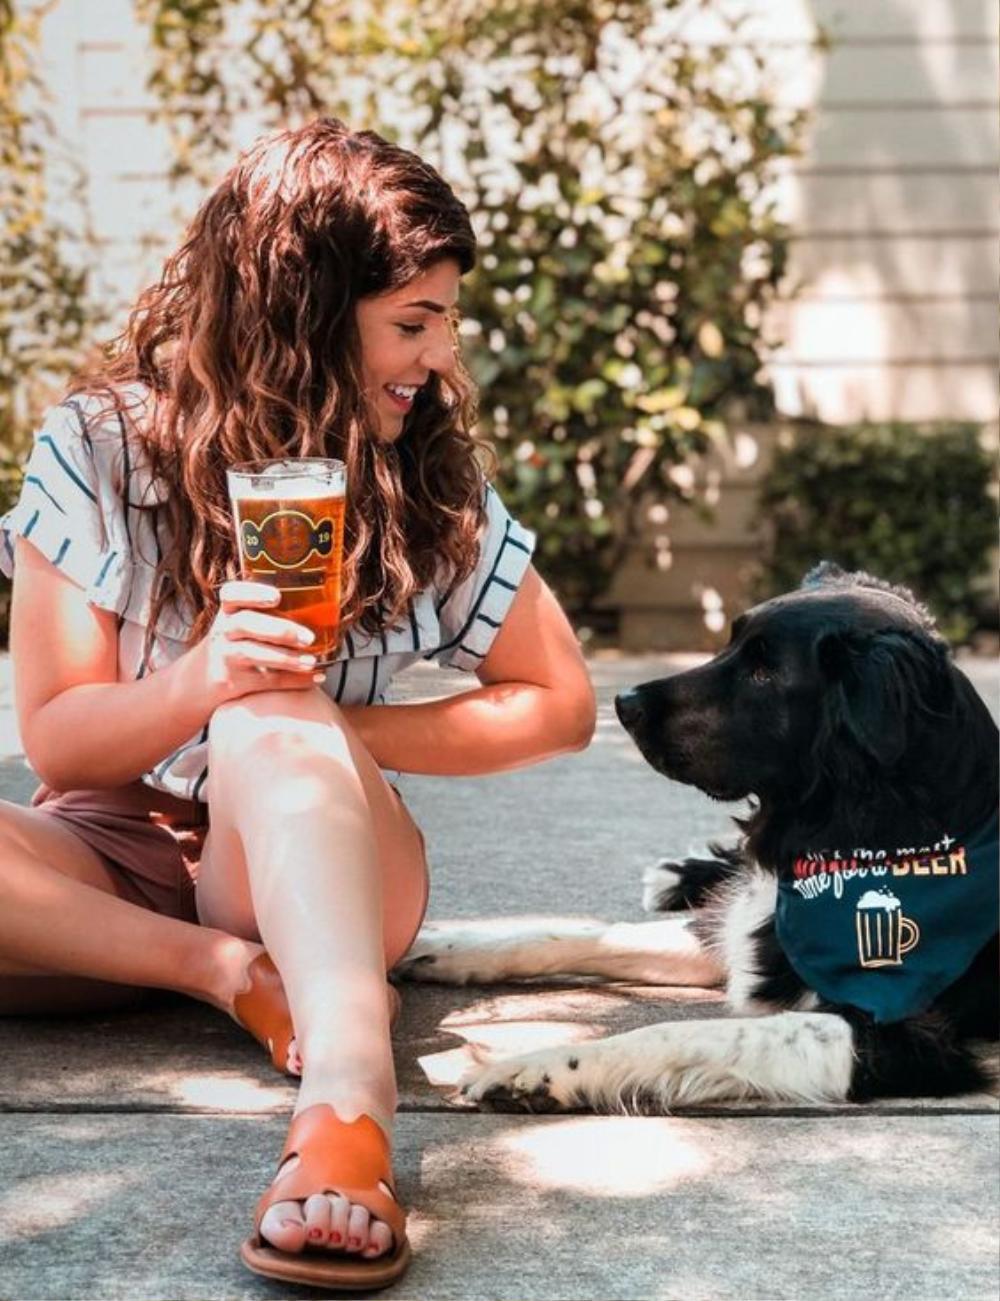 5 công dụng làm đẹp của bia không phải ai cũng biết Ảnh 3